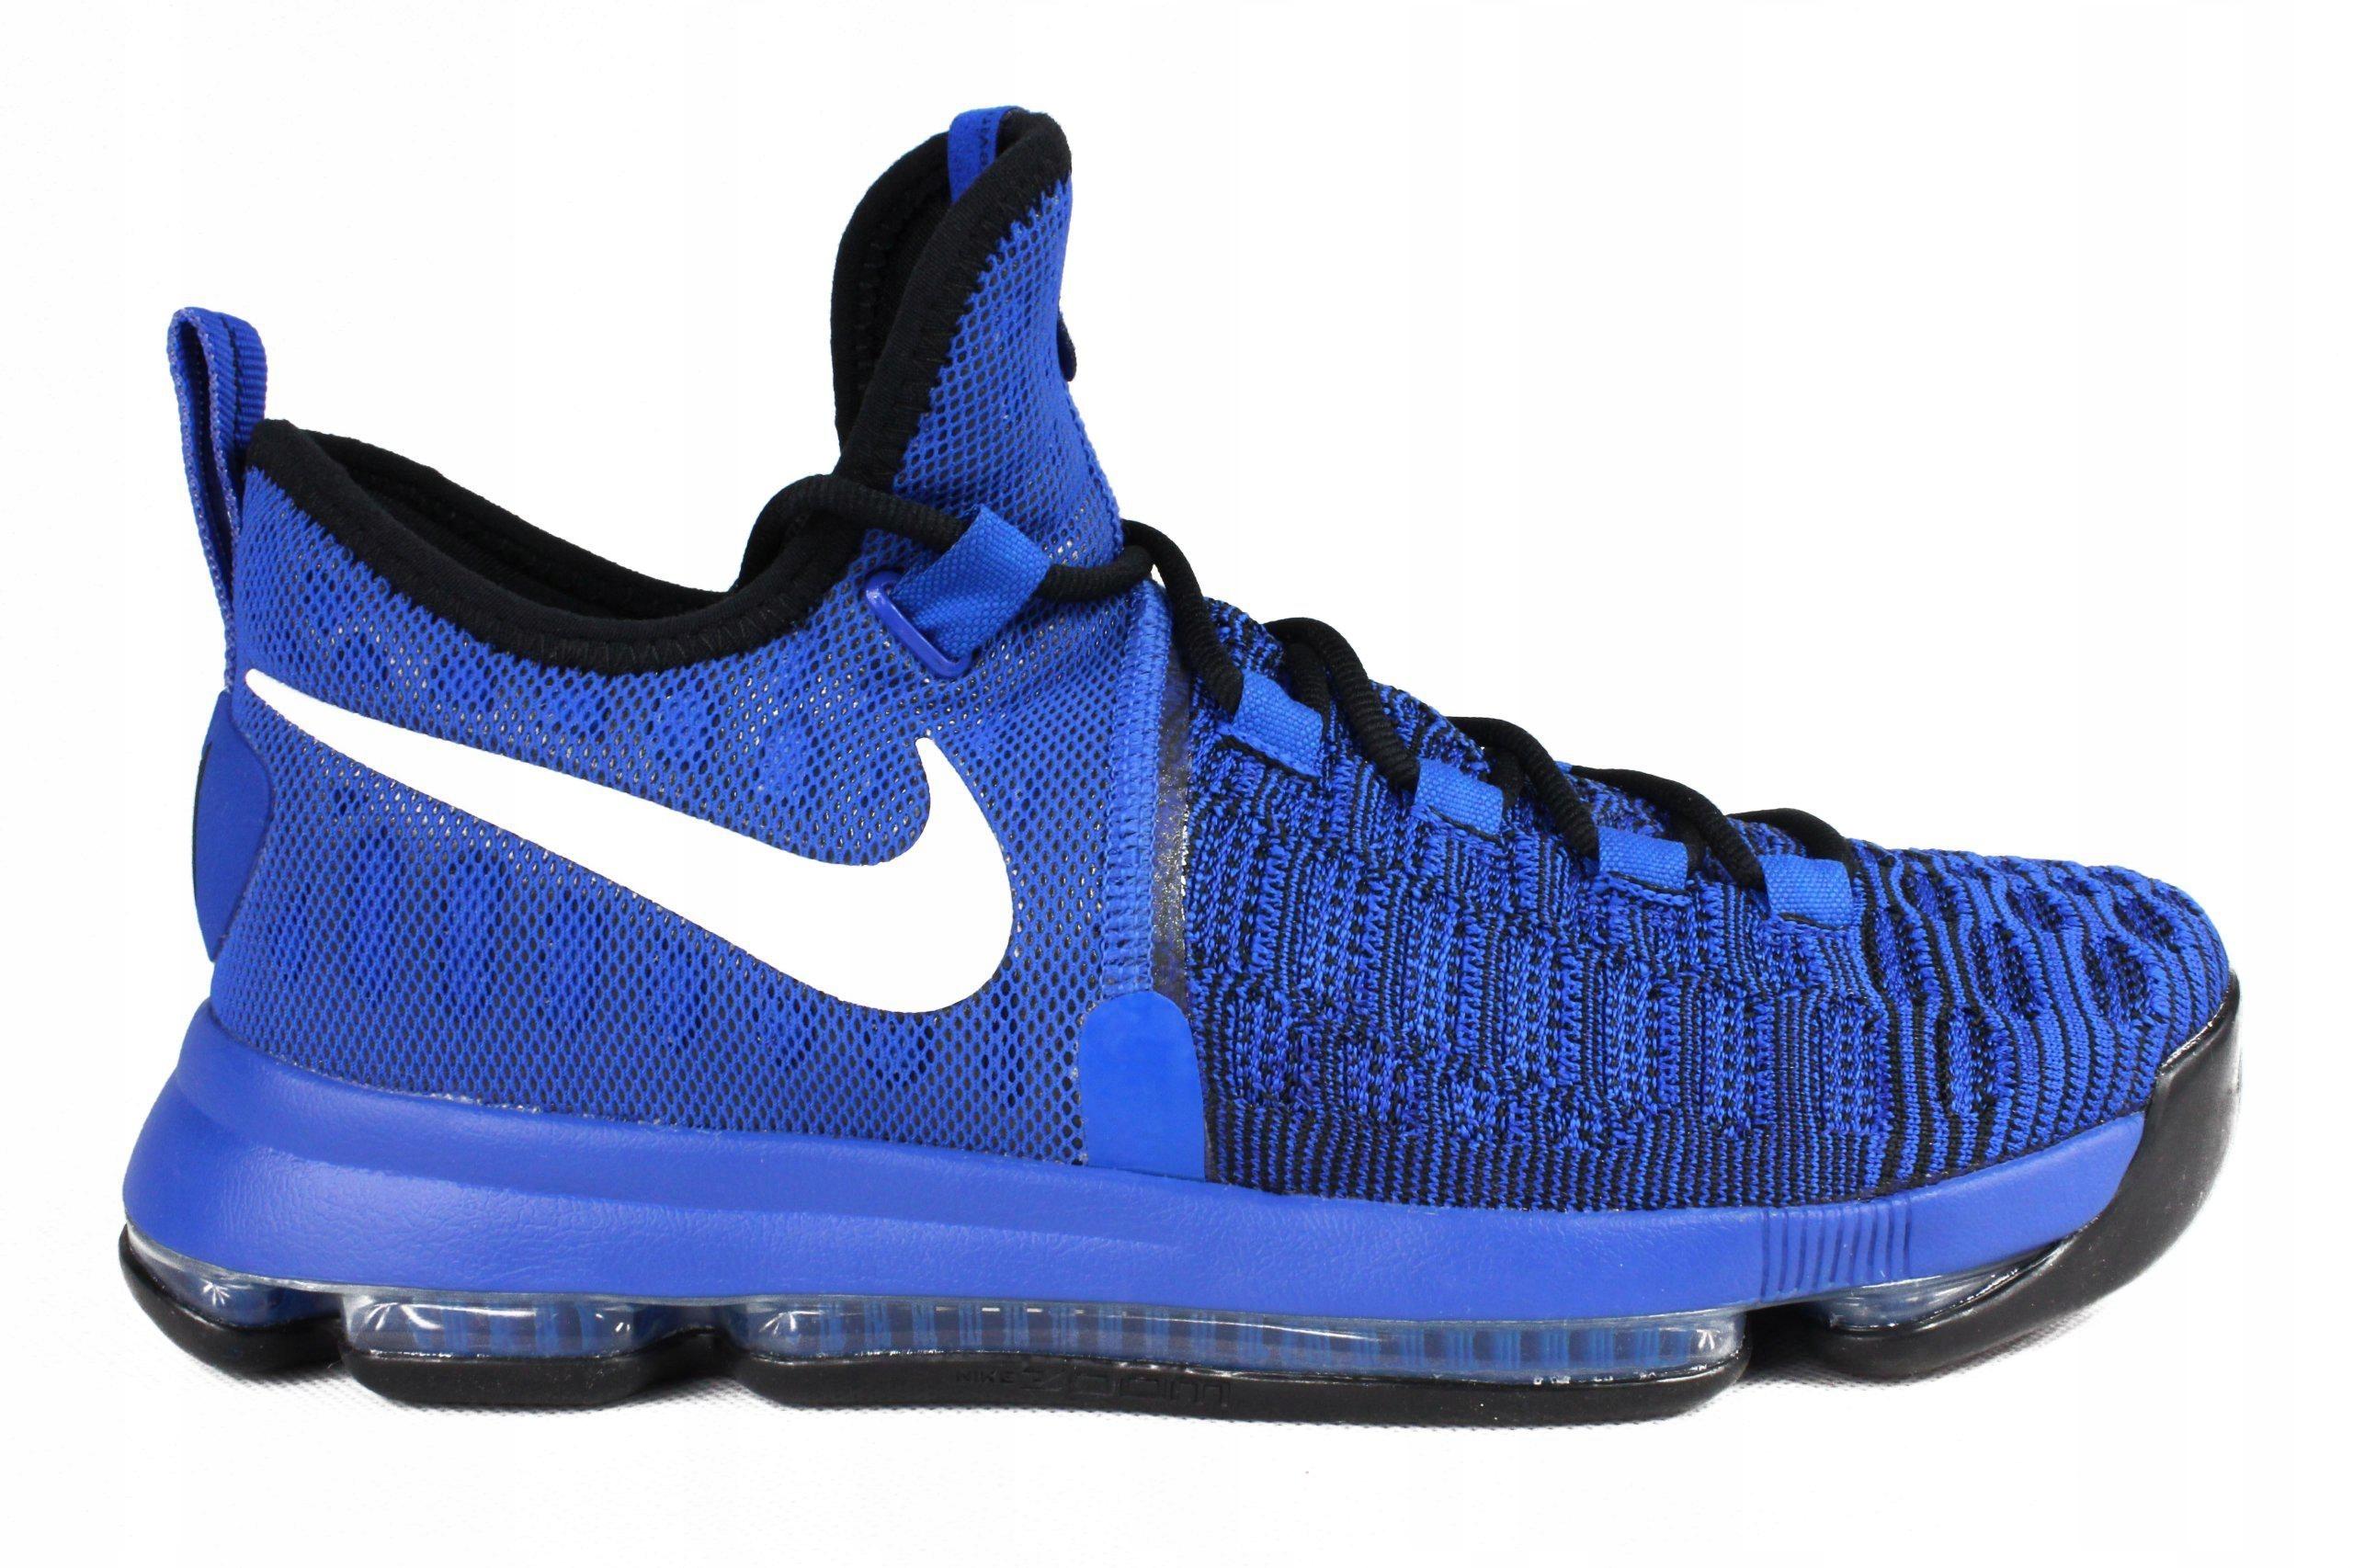 Buty męskie Nike Zoom KD 9 LOW rozmiar 43